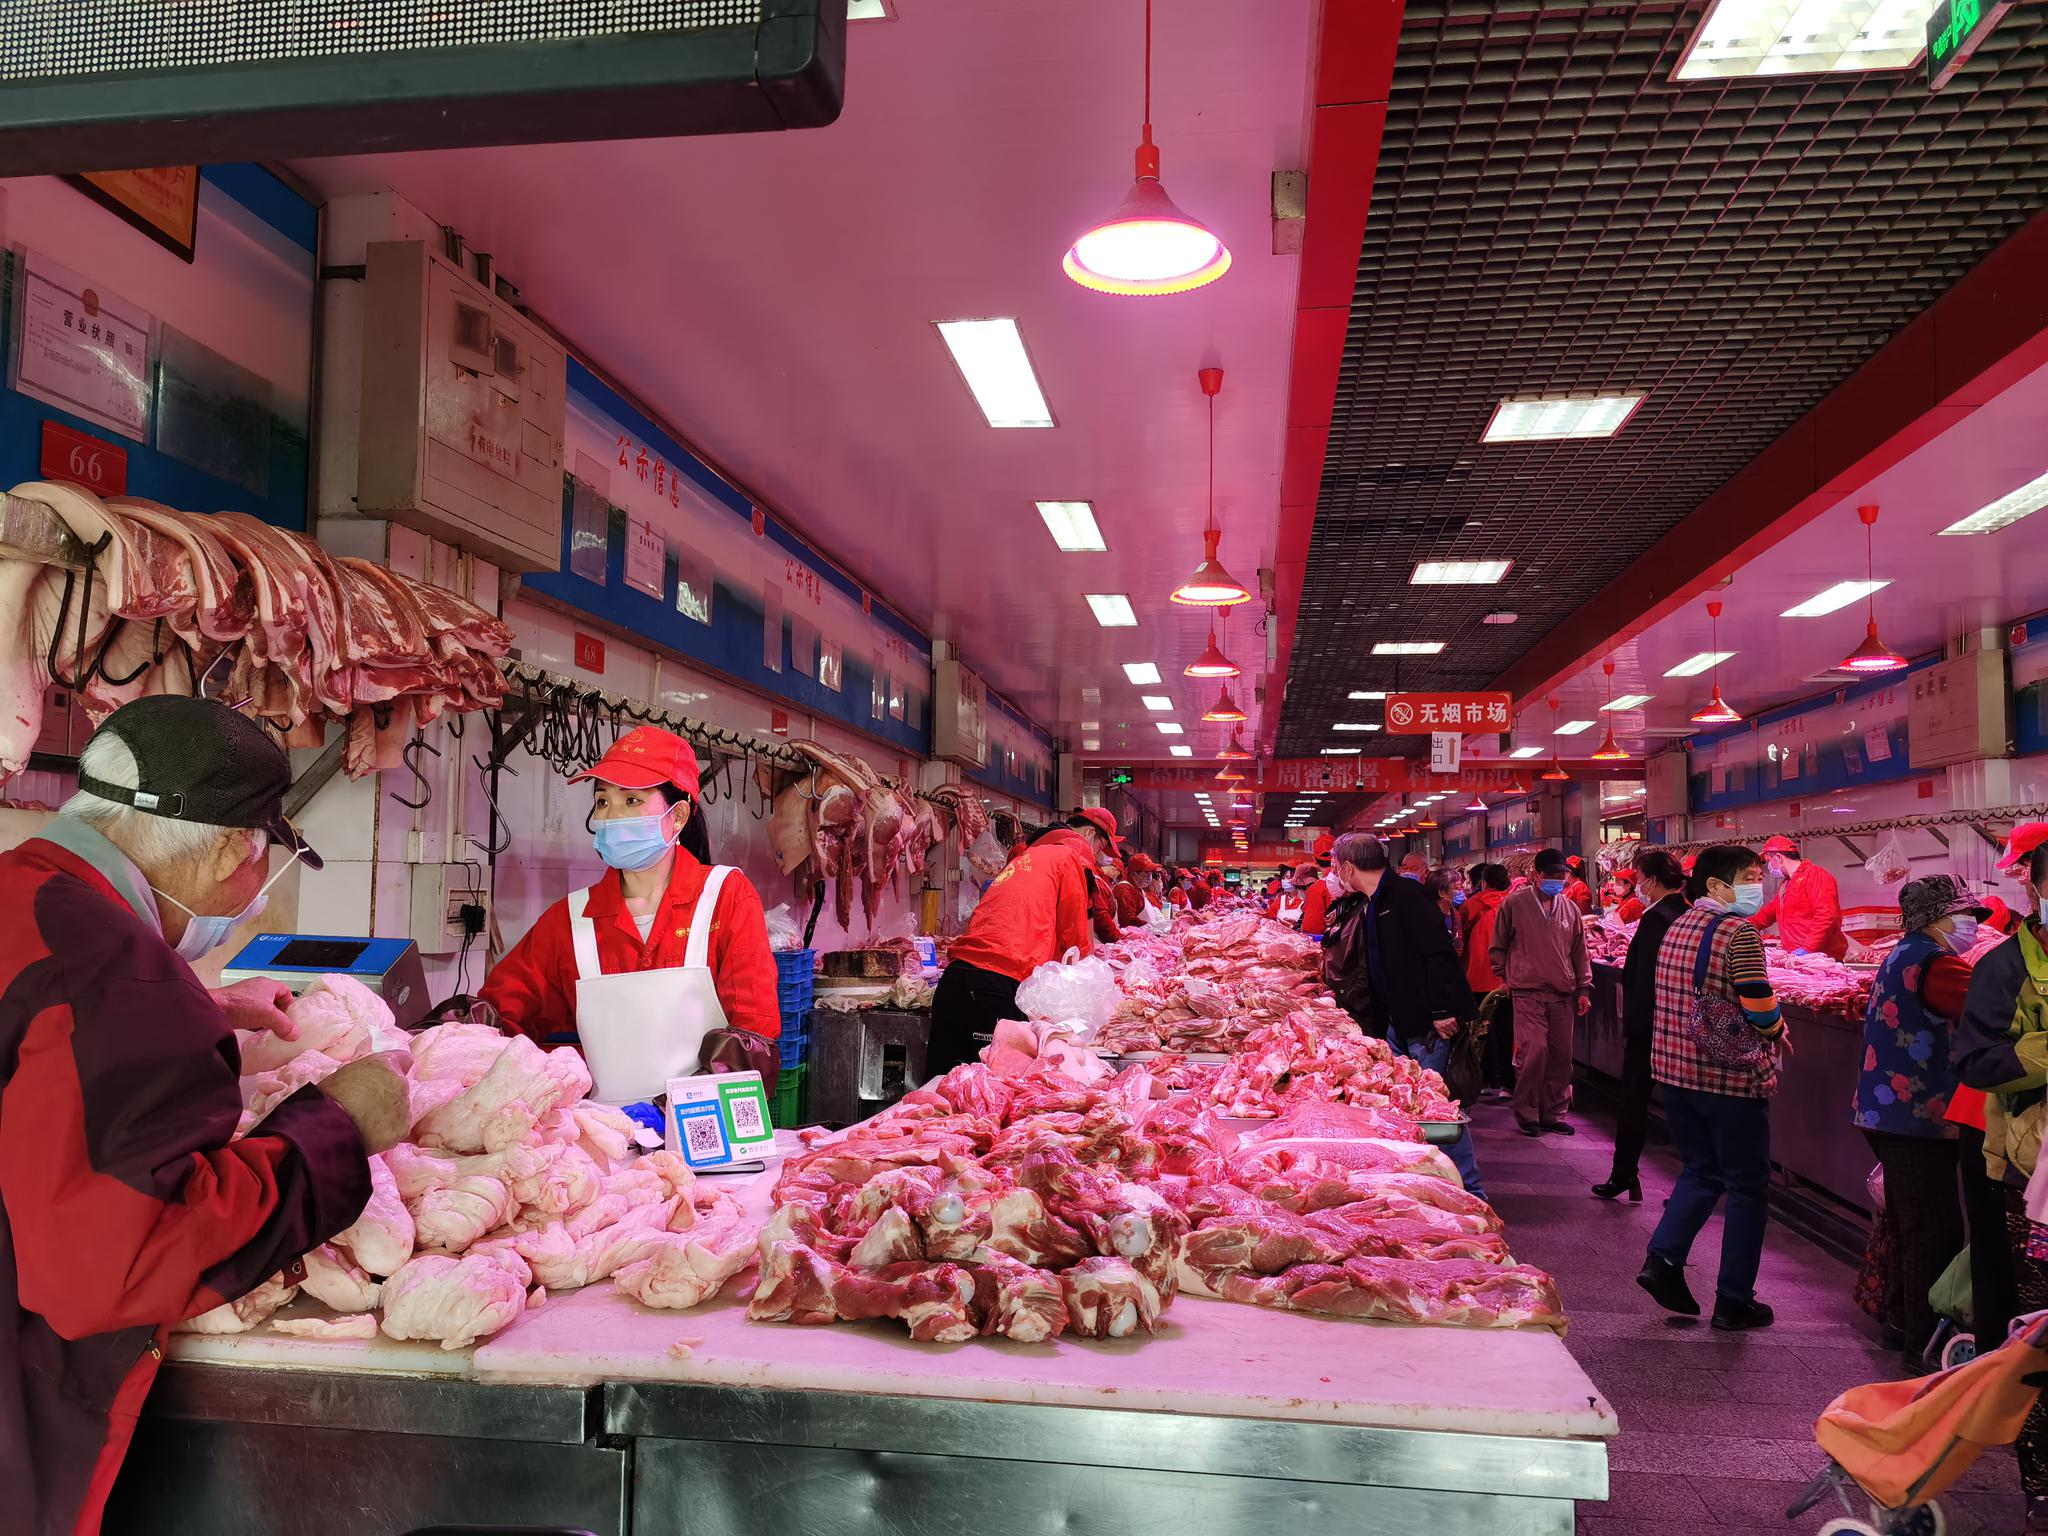 摩天登录,肉价格降至近一摩天登录年最低较2月最高图片